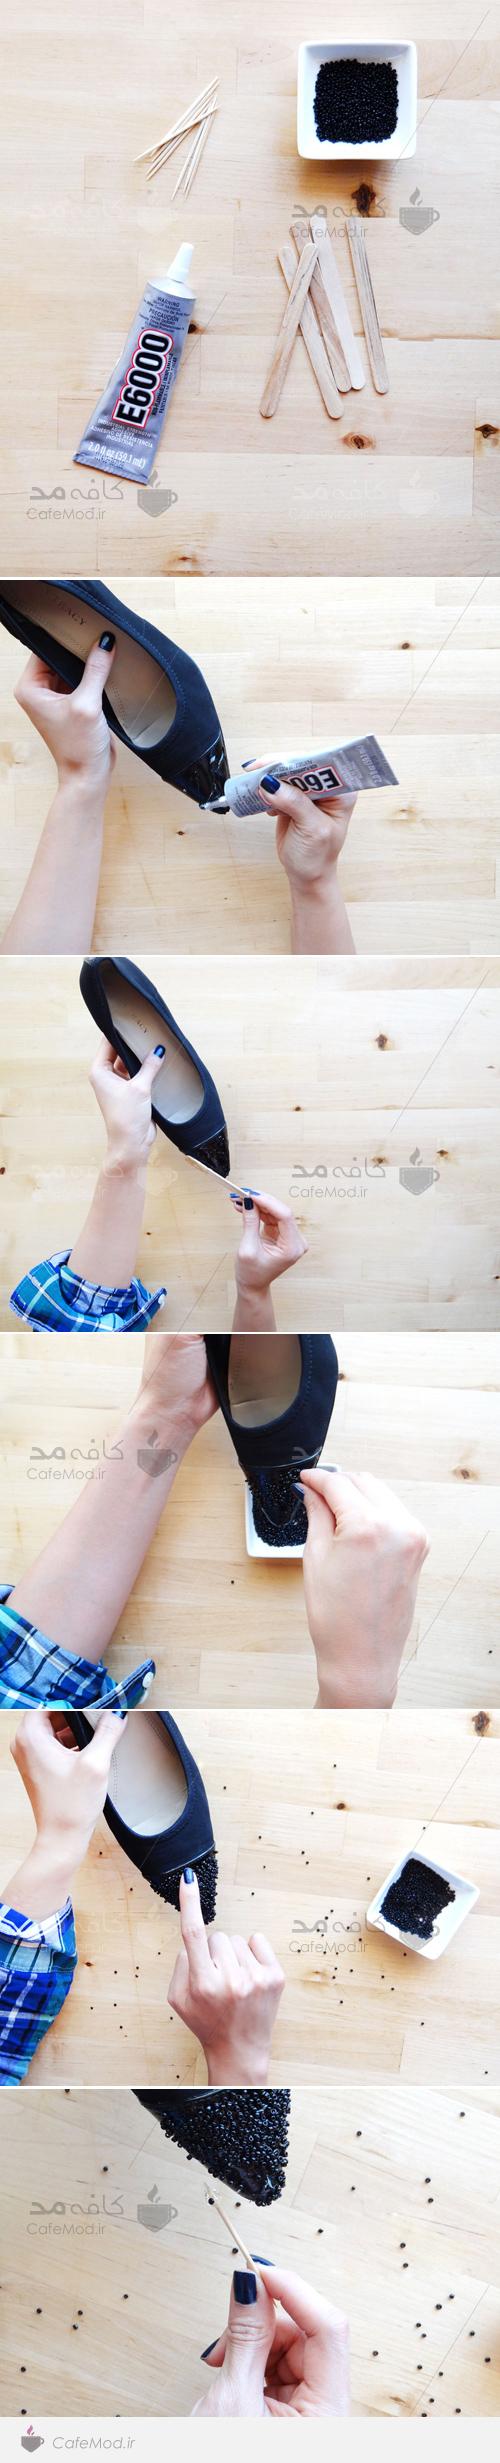 آموزش تزئین کفش با منجوق